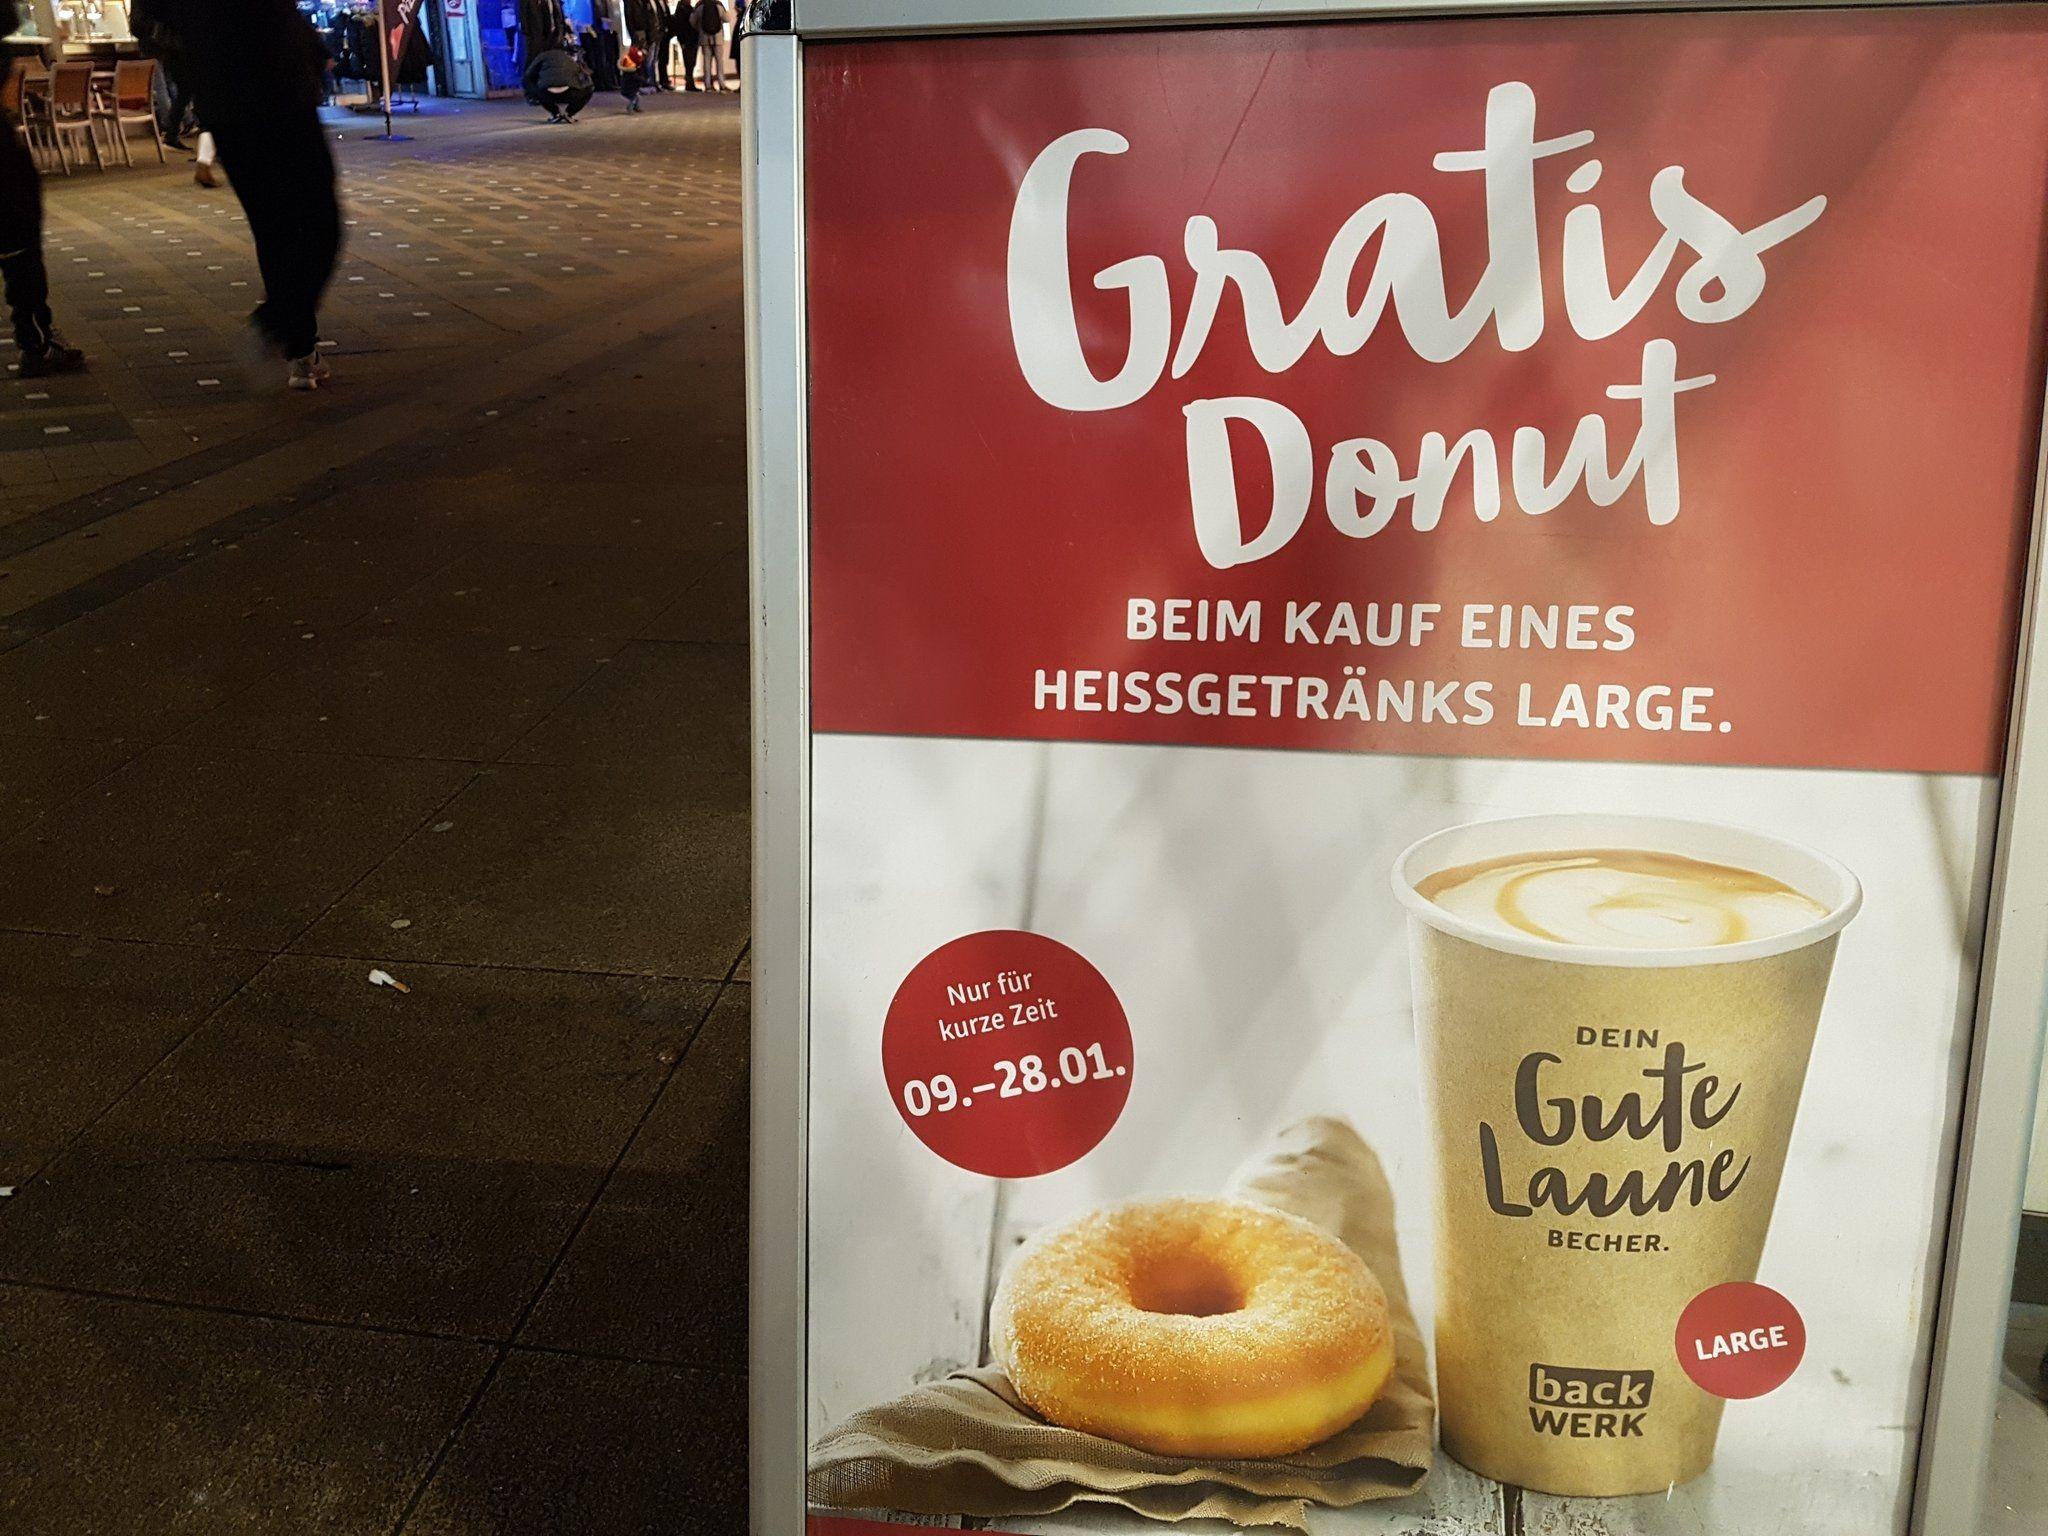 Backwerk Bundesweit: Donut gratis bei jedem großen Heißgetränk!